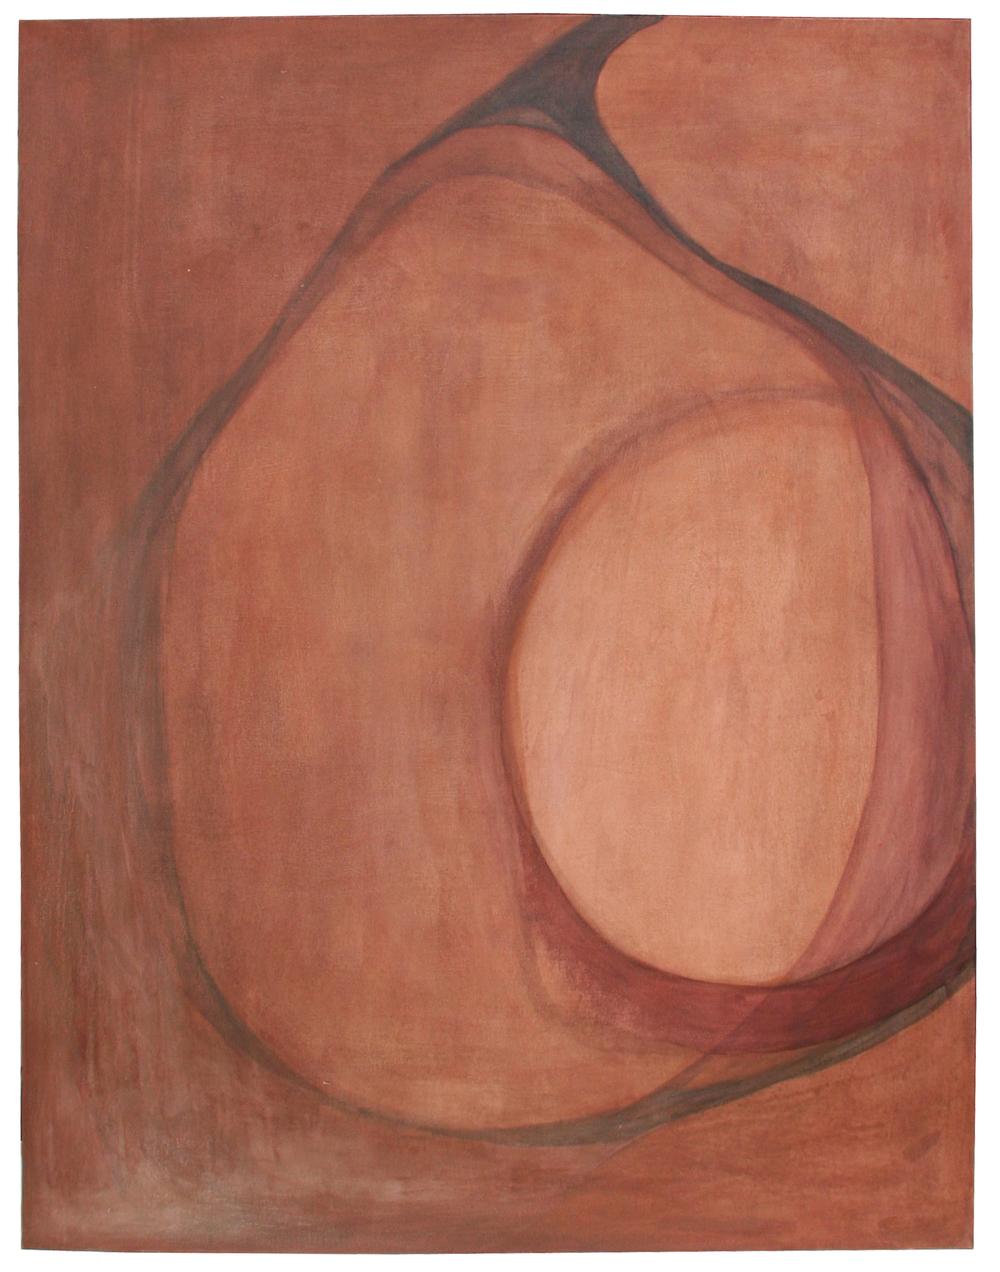 acrylic on canvas / spring 2009